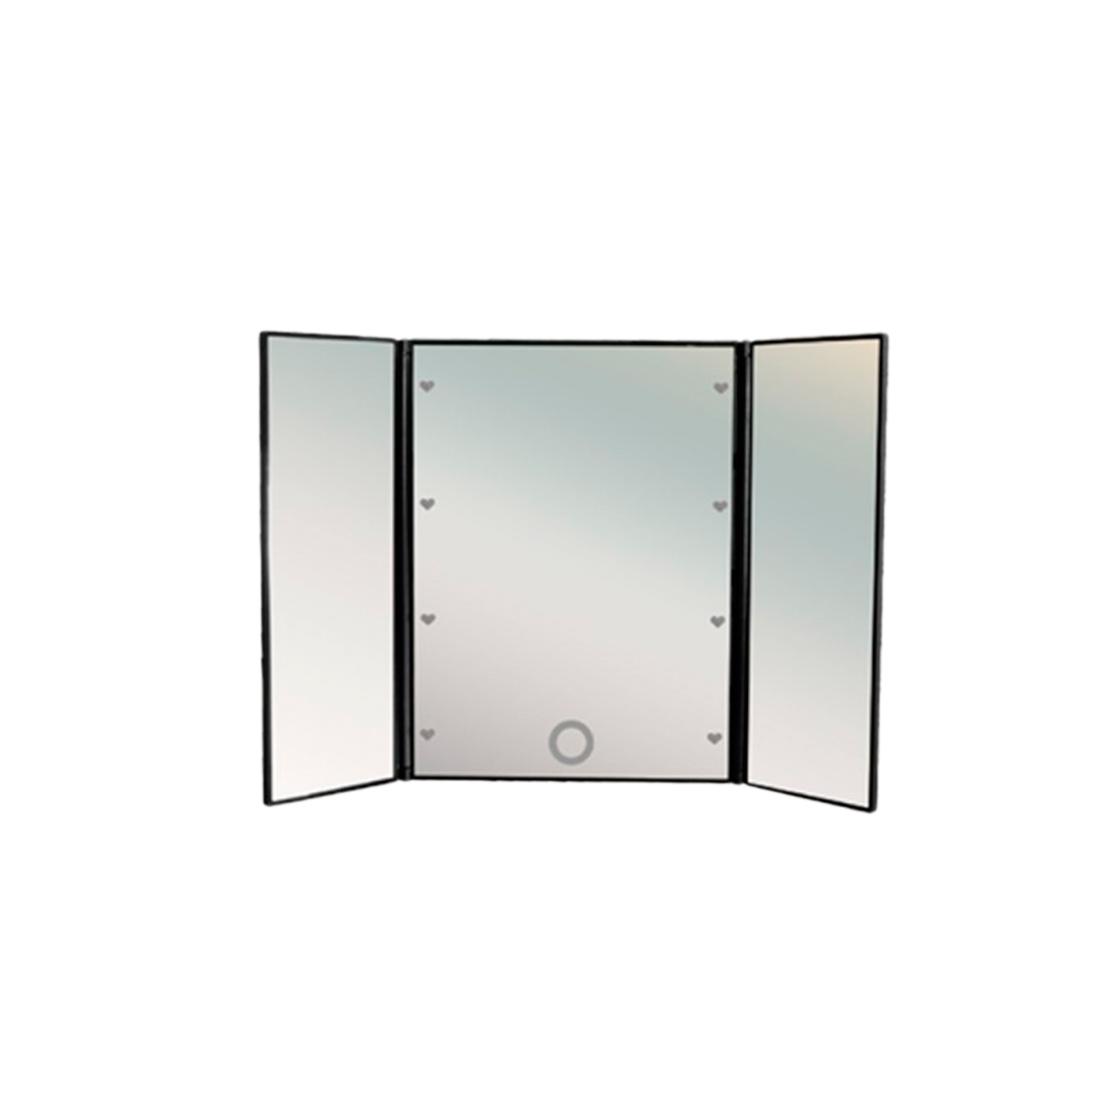 Косметическое зеркало GESS GESS-805p 16.5 см фото